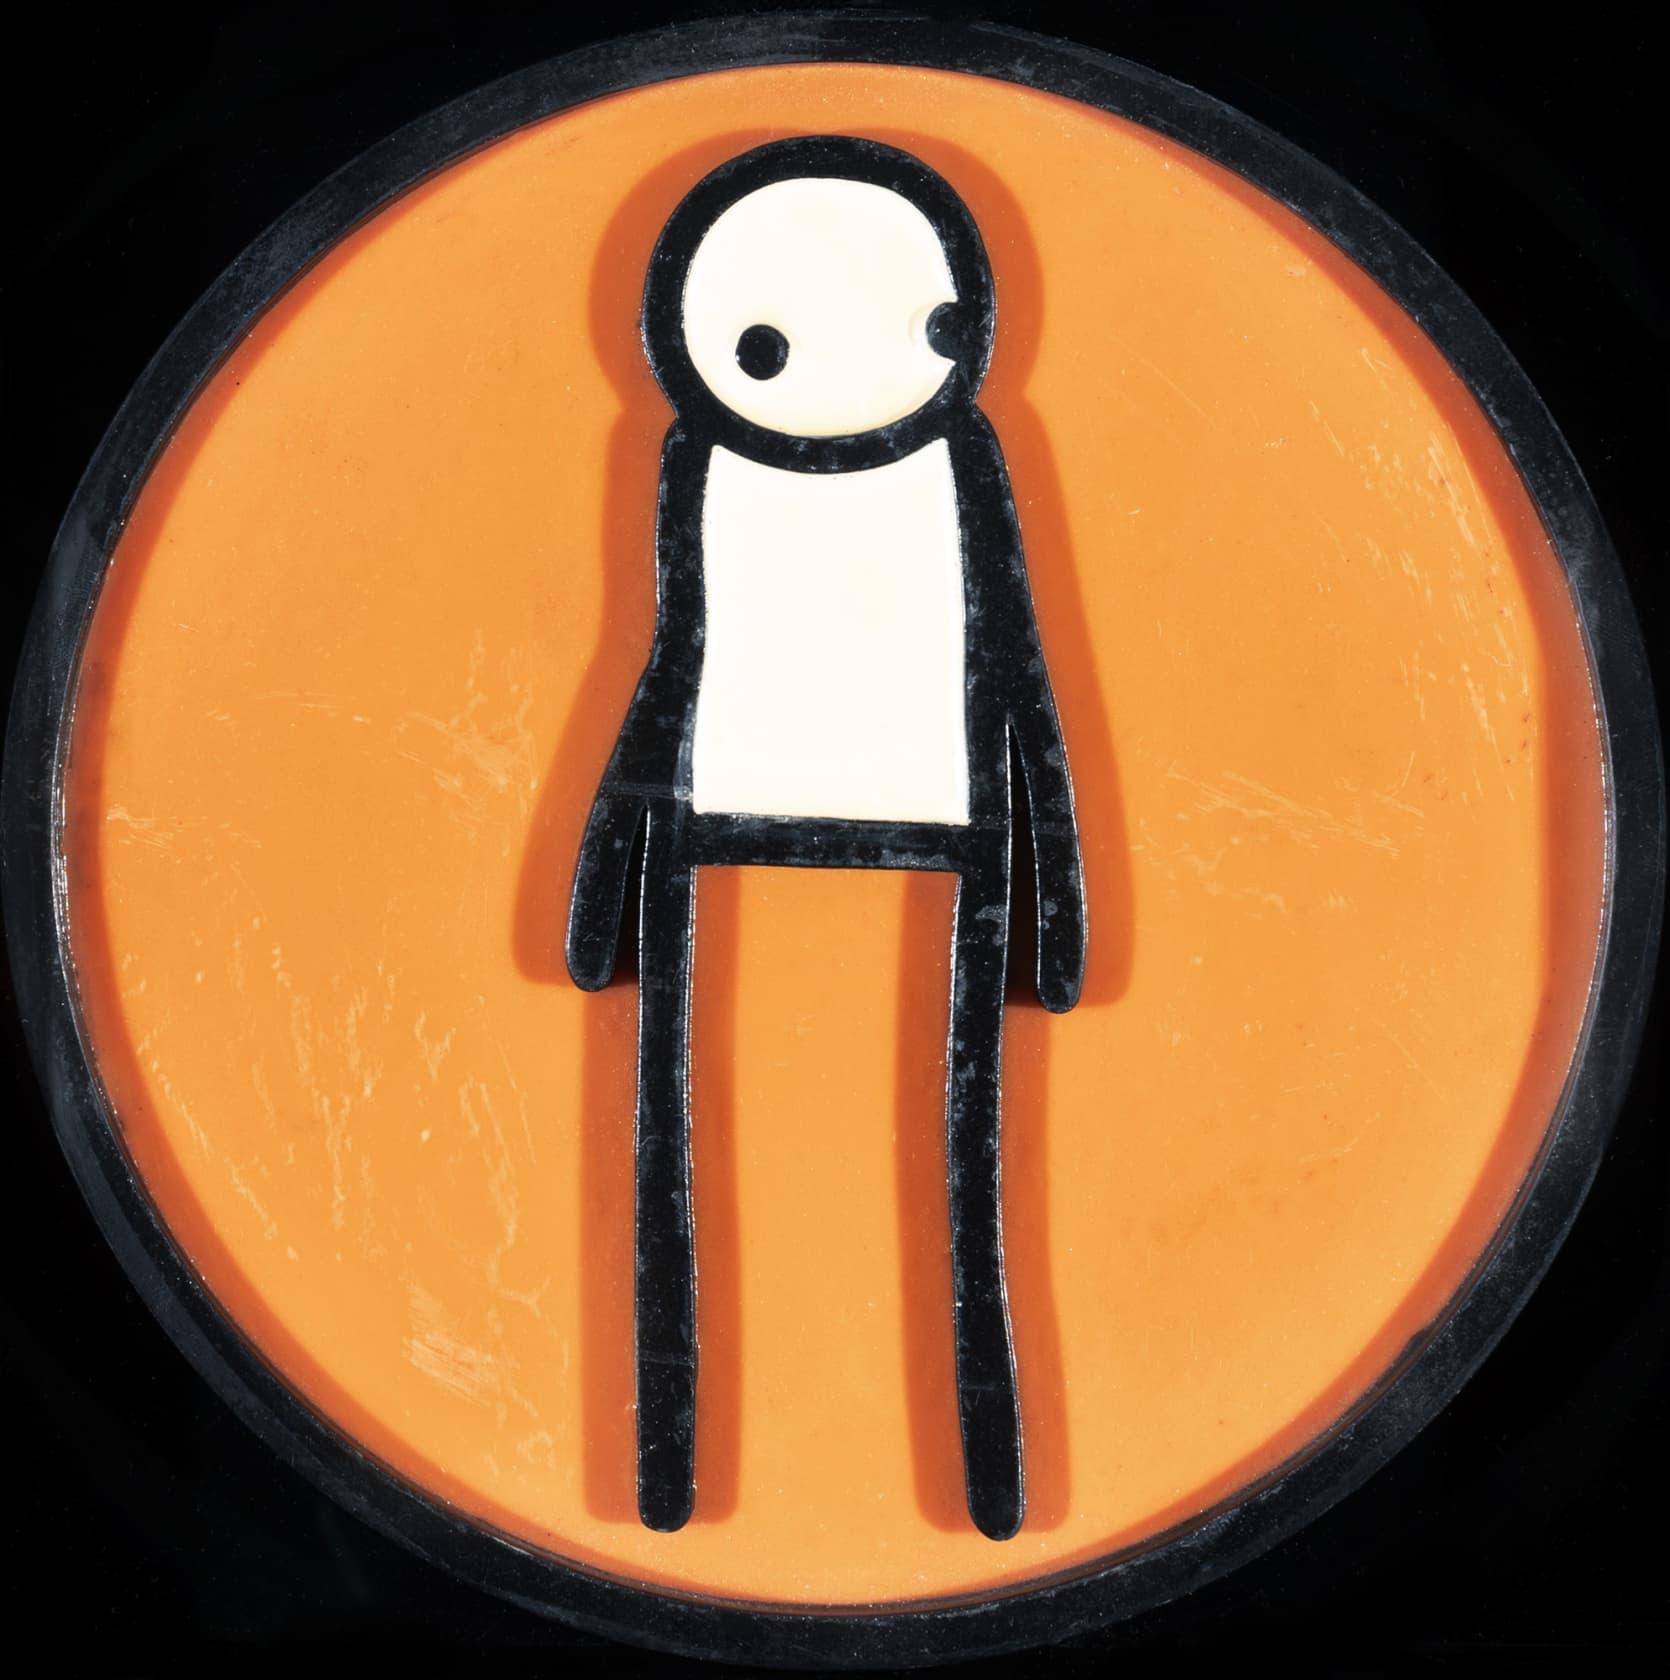 STIK, Plaque (Orange), 2011